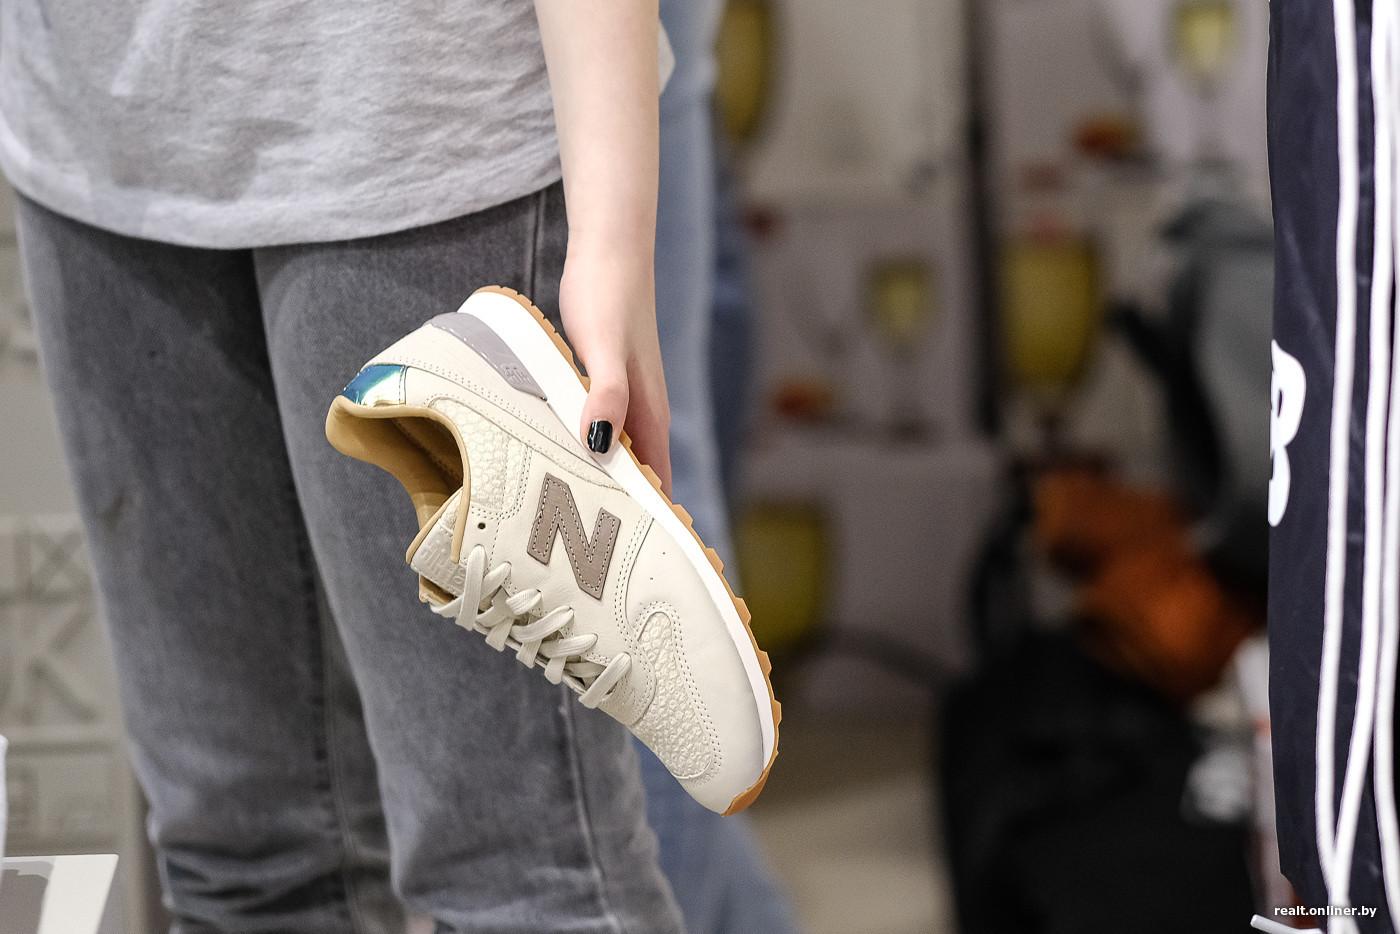 97f91d490f56 Продажи оказались в четыре раза выше, чем мы ожидали. 80% посетителей  говорят, что у них уже есть кроссовки New Balance, и они знают, что это за  марка.